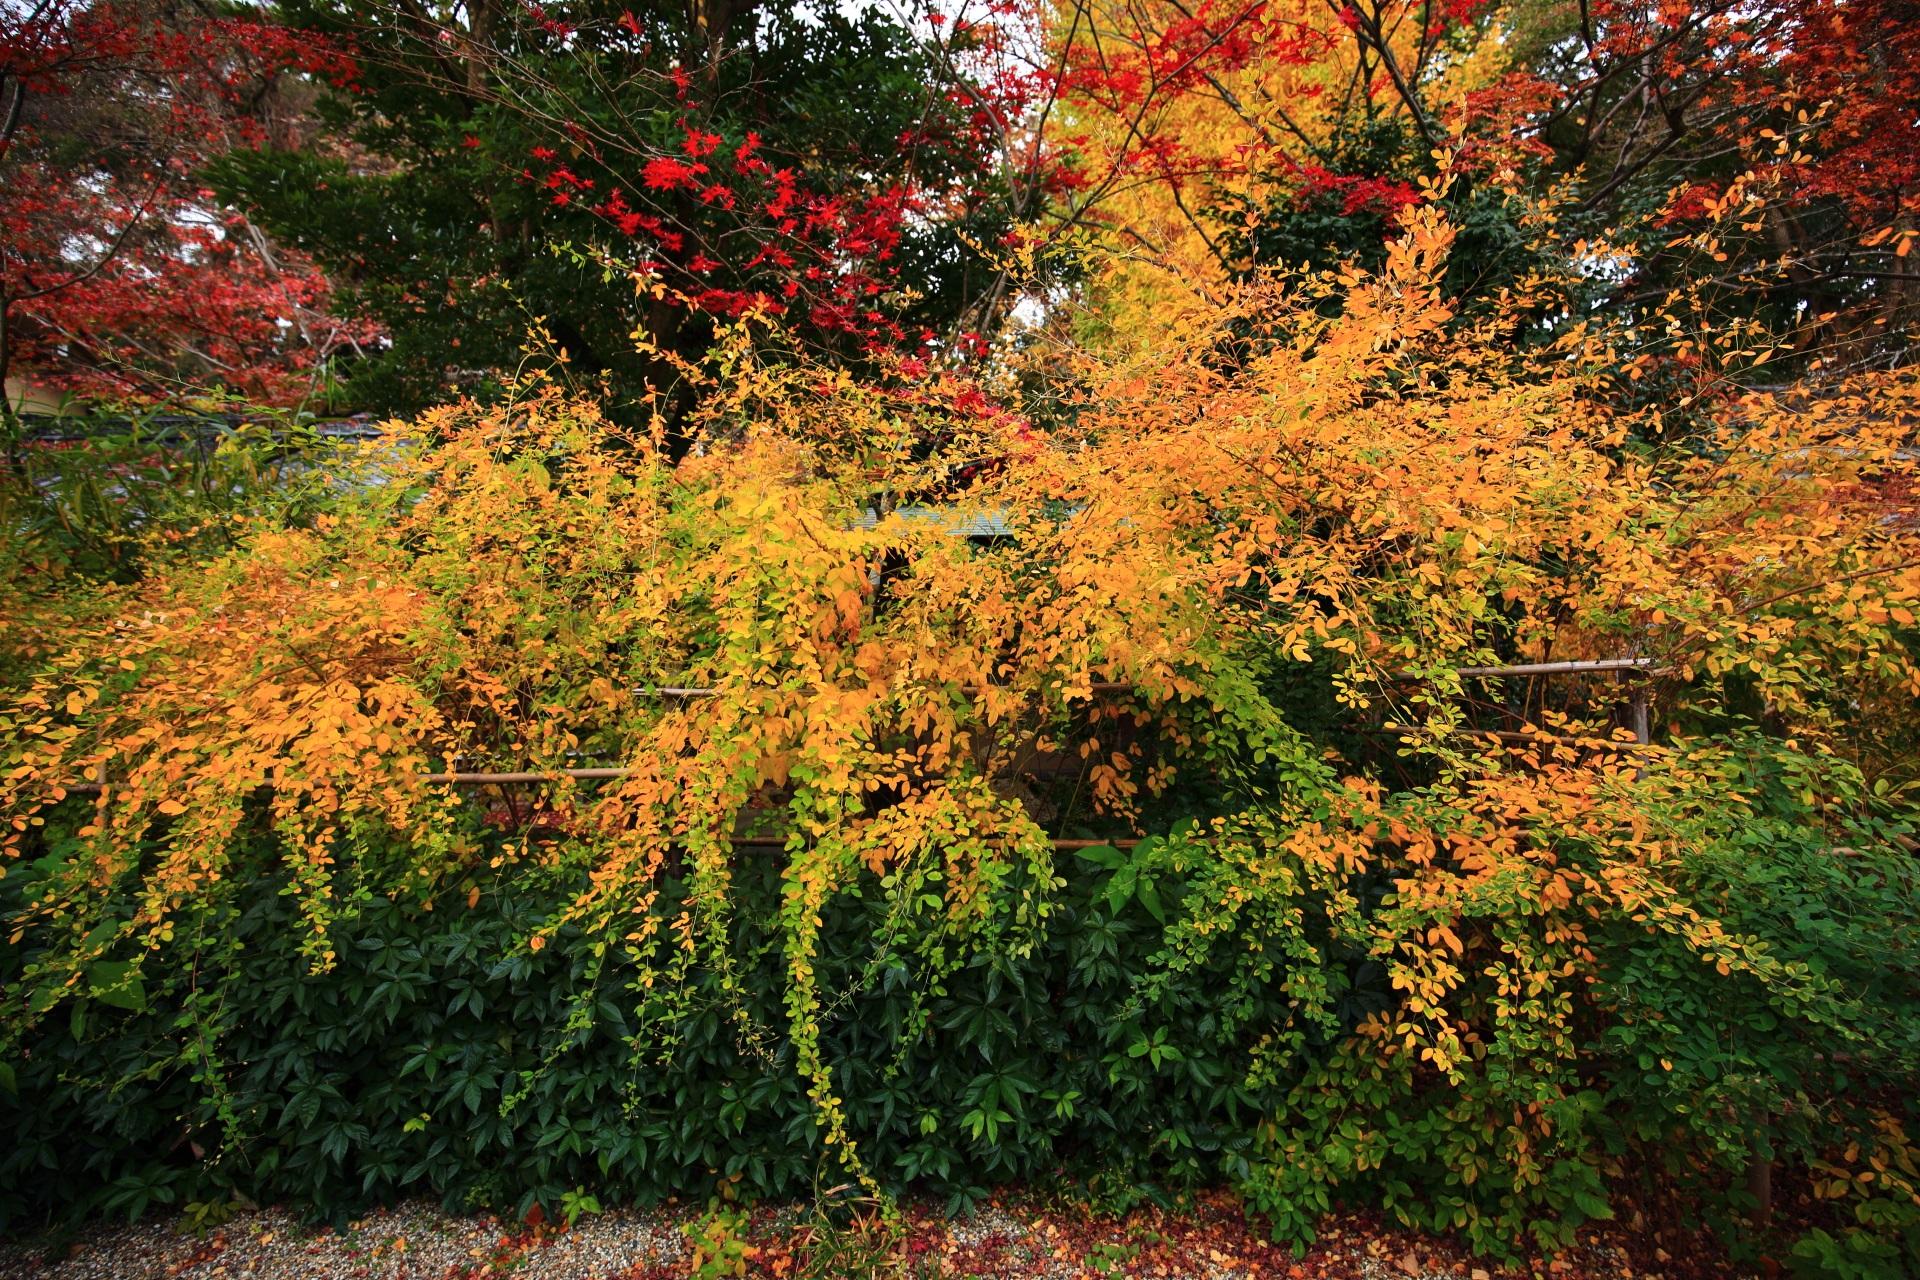 もみじだけでなく萩も黄色く色づく梨木神社